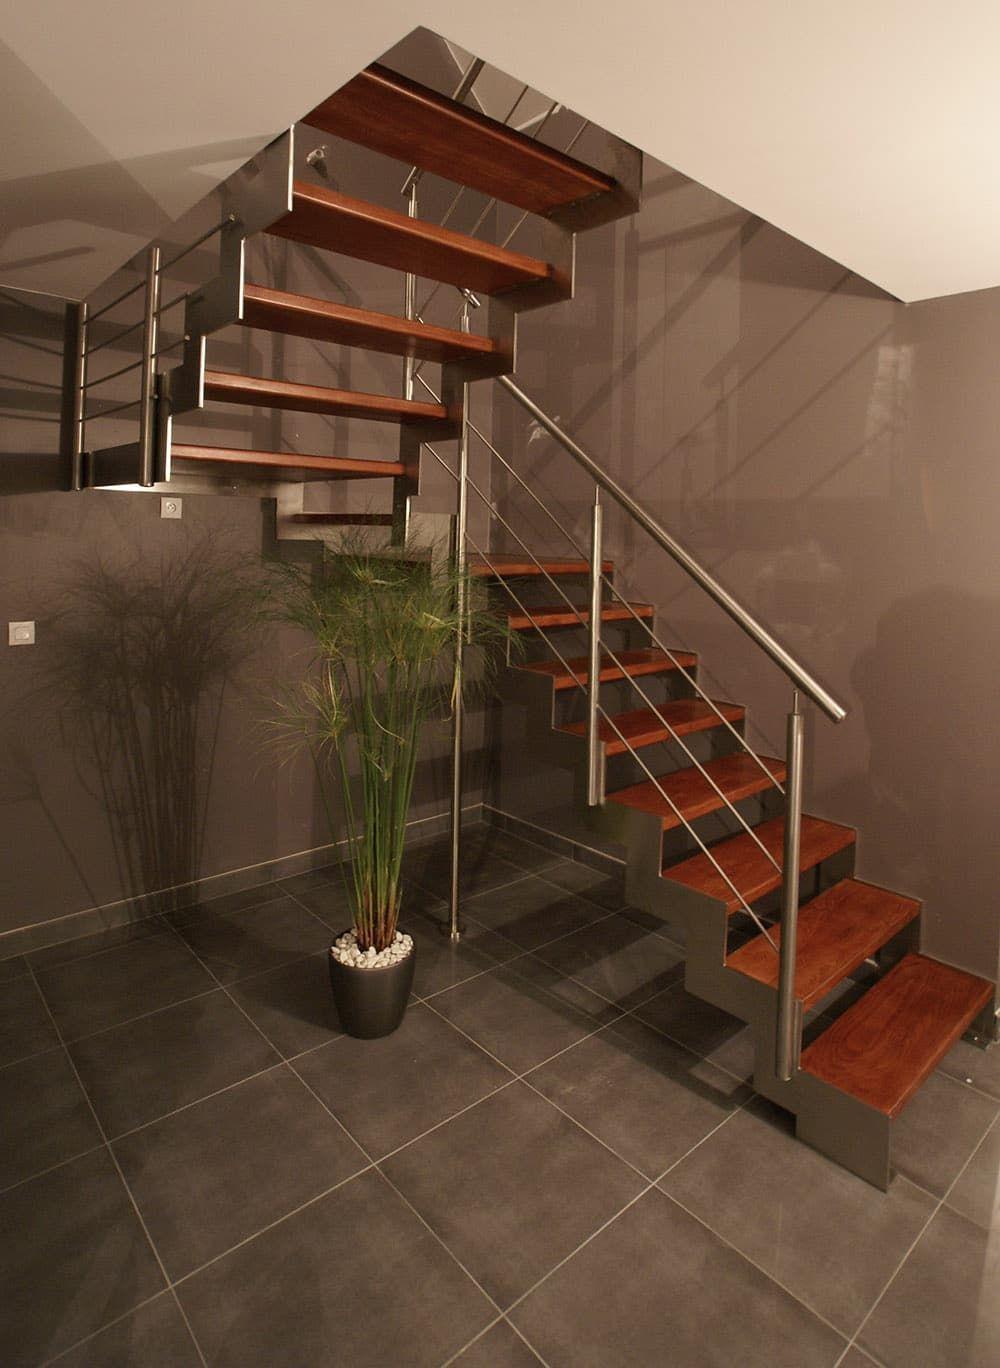 escalier marches en bois structure inox nos escaliers pinterest. Black Bedroom Furniture Sets. Home Design Ideas